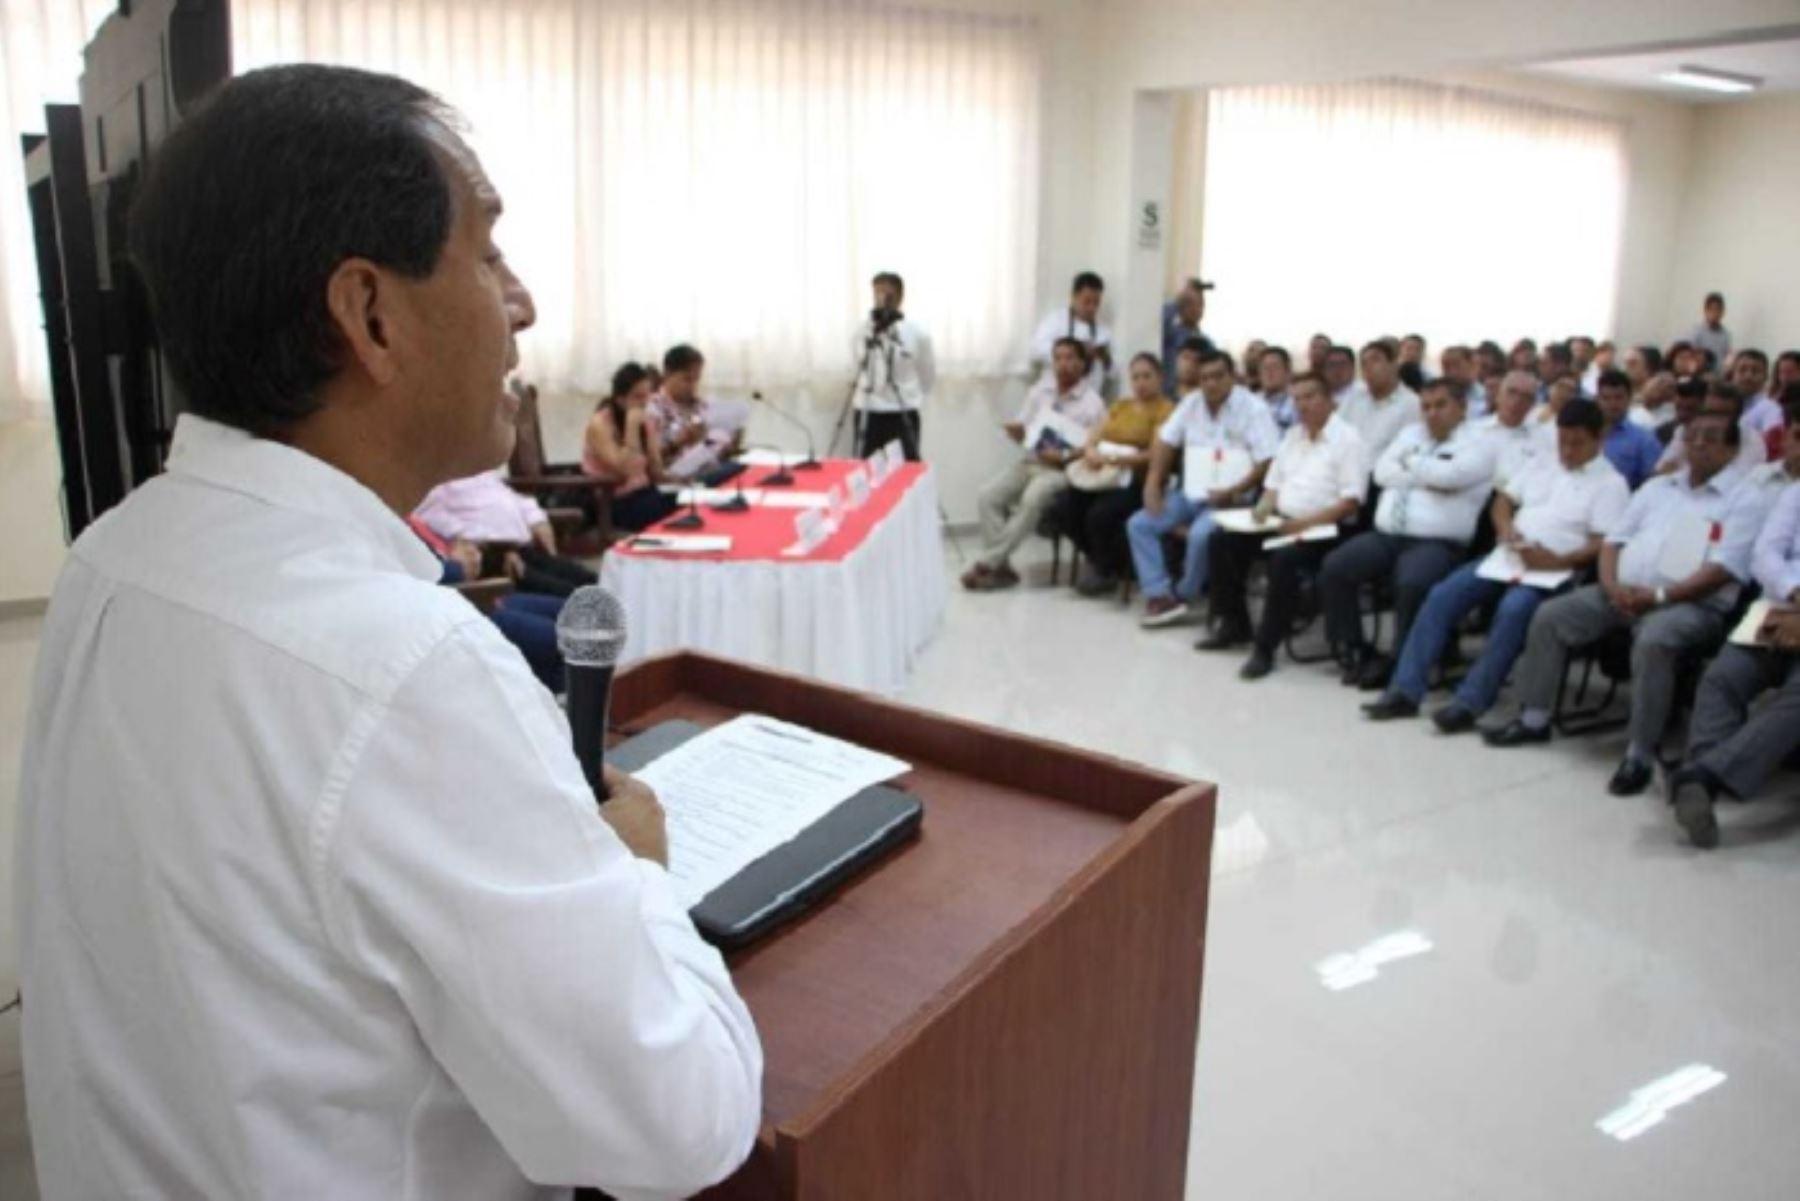 El director de la Autoridad para la Reconstrucción con Cambios (ARCC), Edgar Quispe Remón, se reunió en Piura con las autoridades del gobierno regional y los alcaldes provinciales y distritales para definir el plan de inversiones en la región para el presente año.